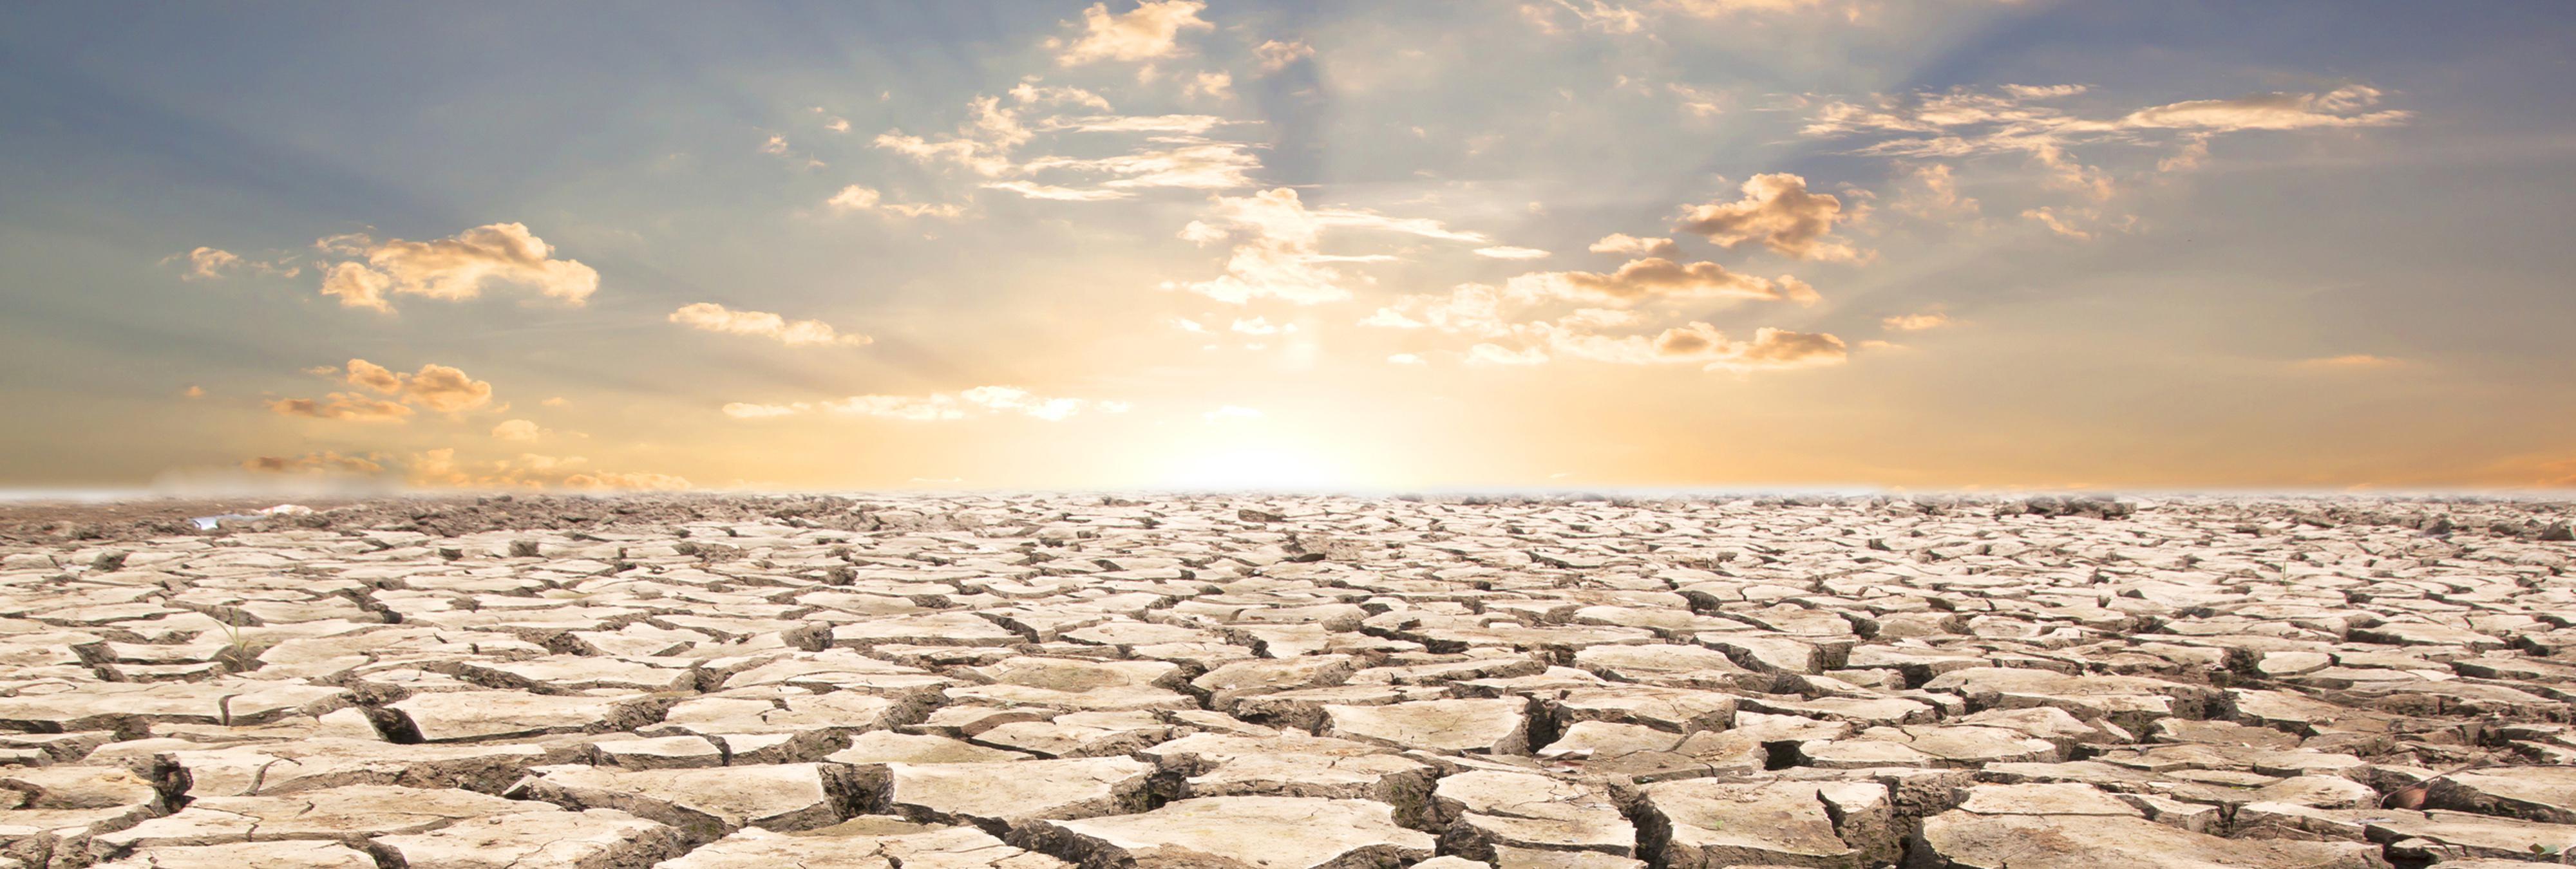 Encuentran la solución a la sequía mundial